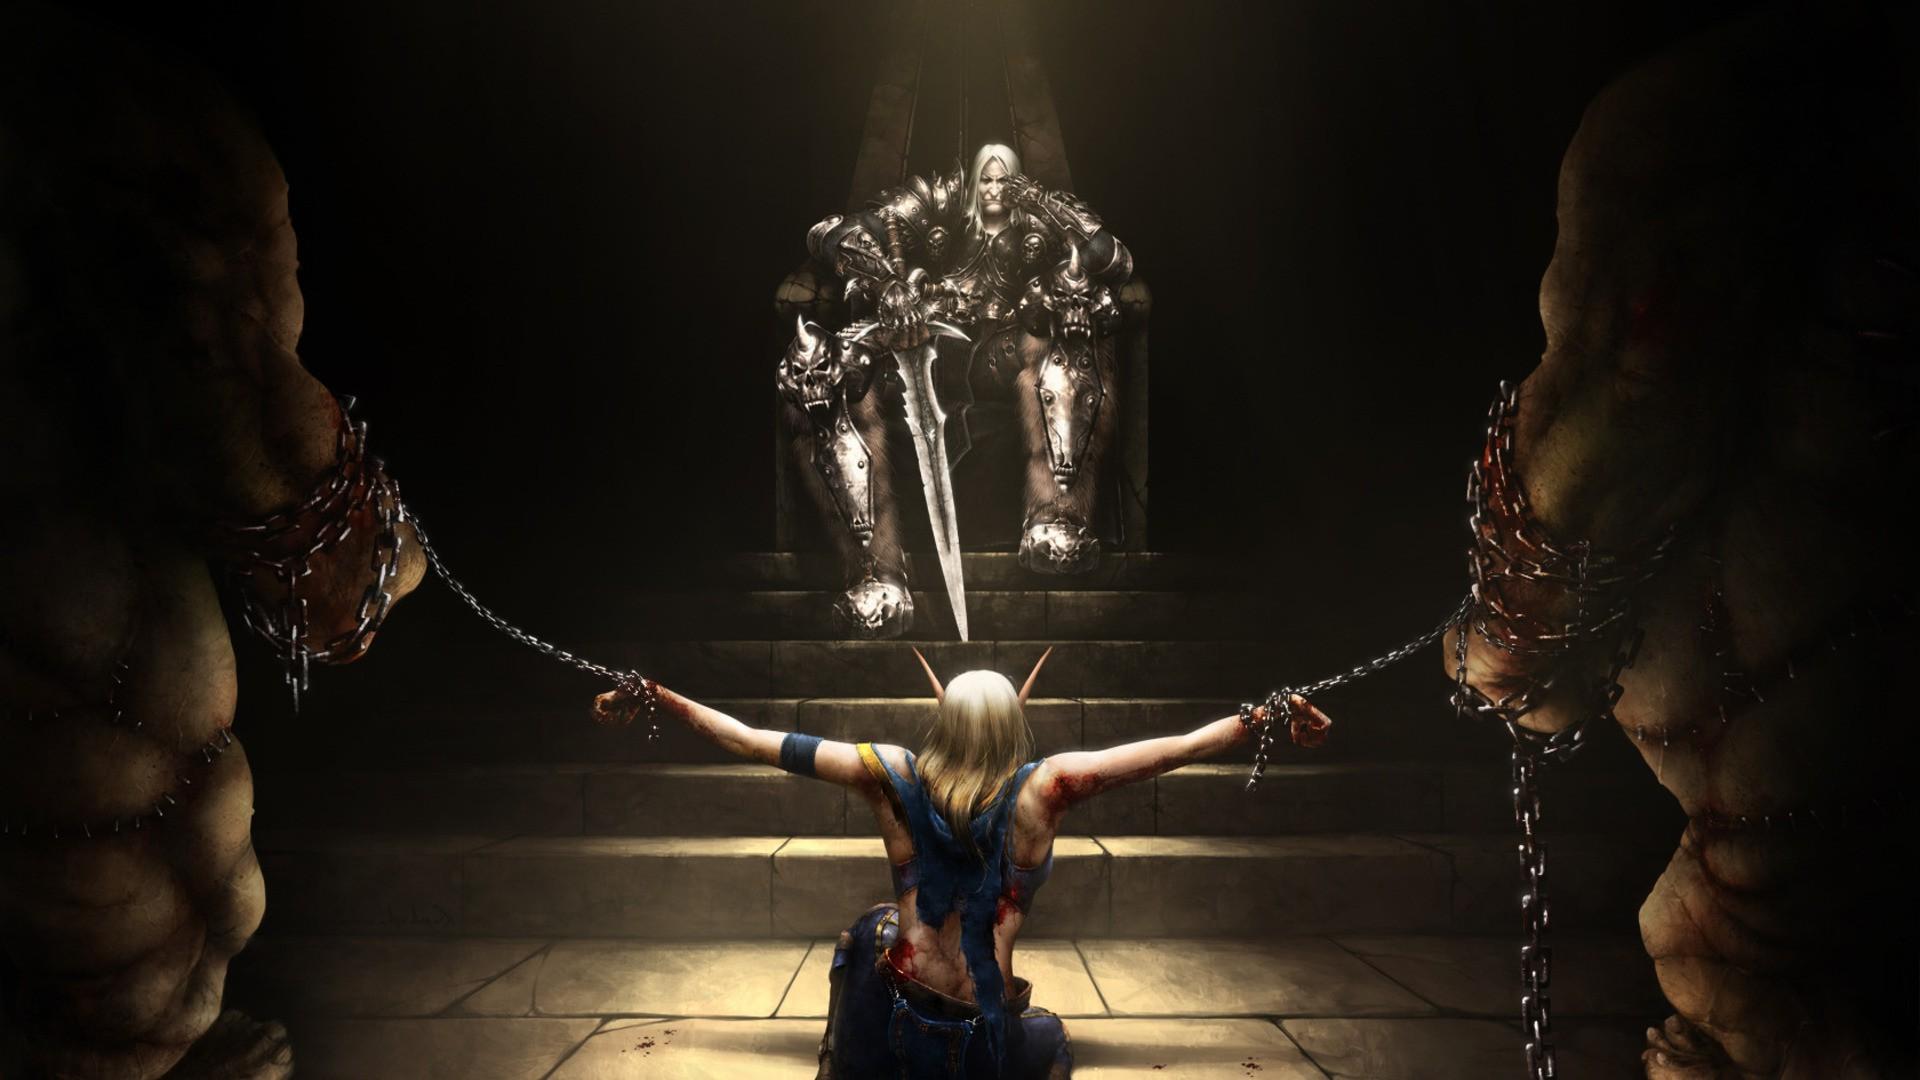 Wallpaper Video Games Night World Of Warcraft Sculpture